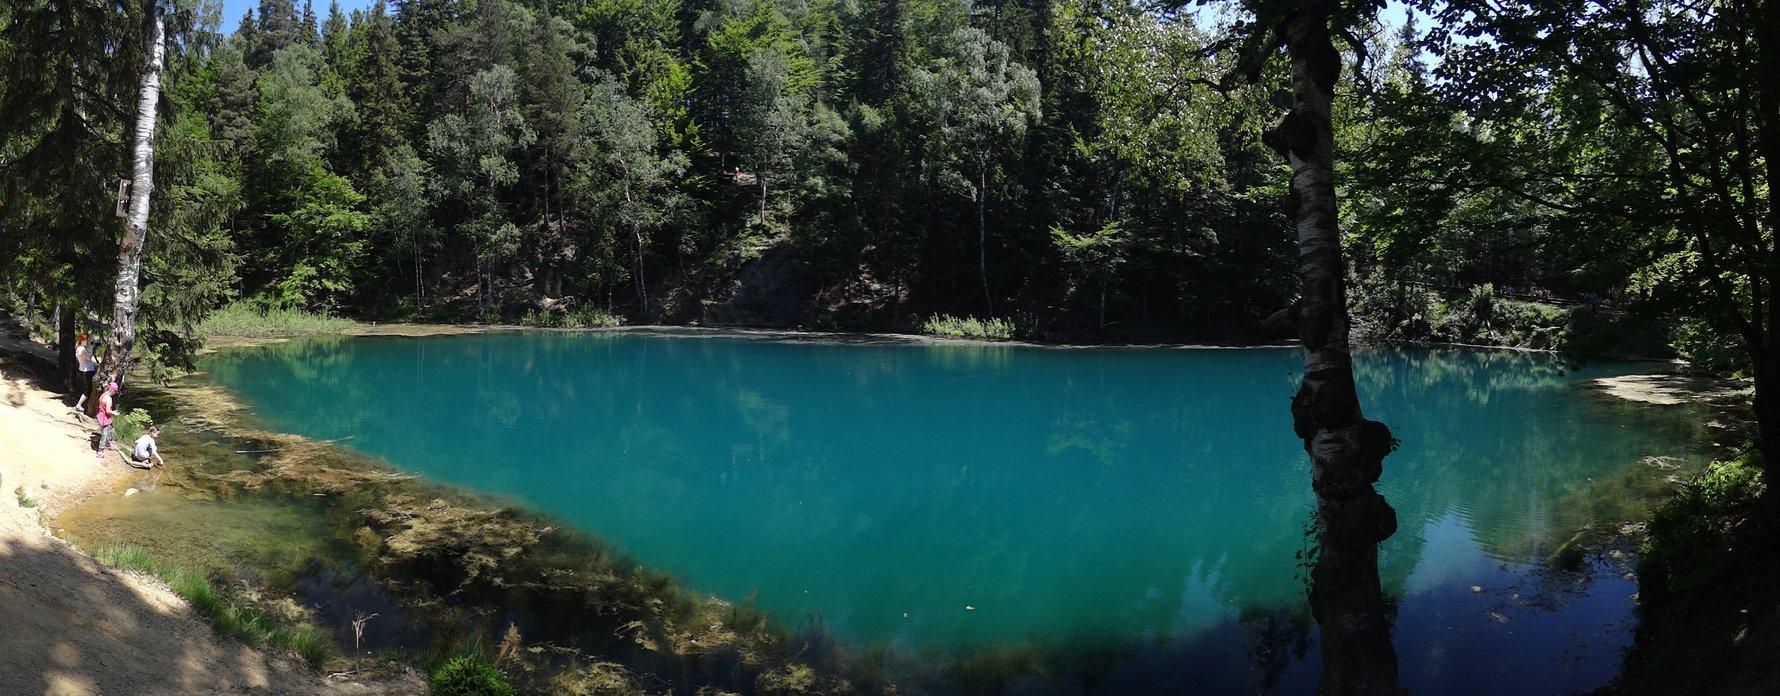 Kolorowe Jeziorka. Photo by Anmad1